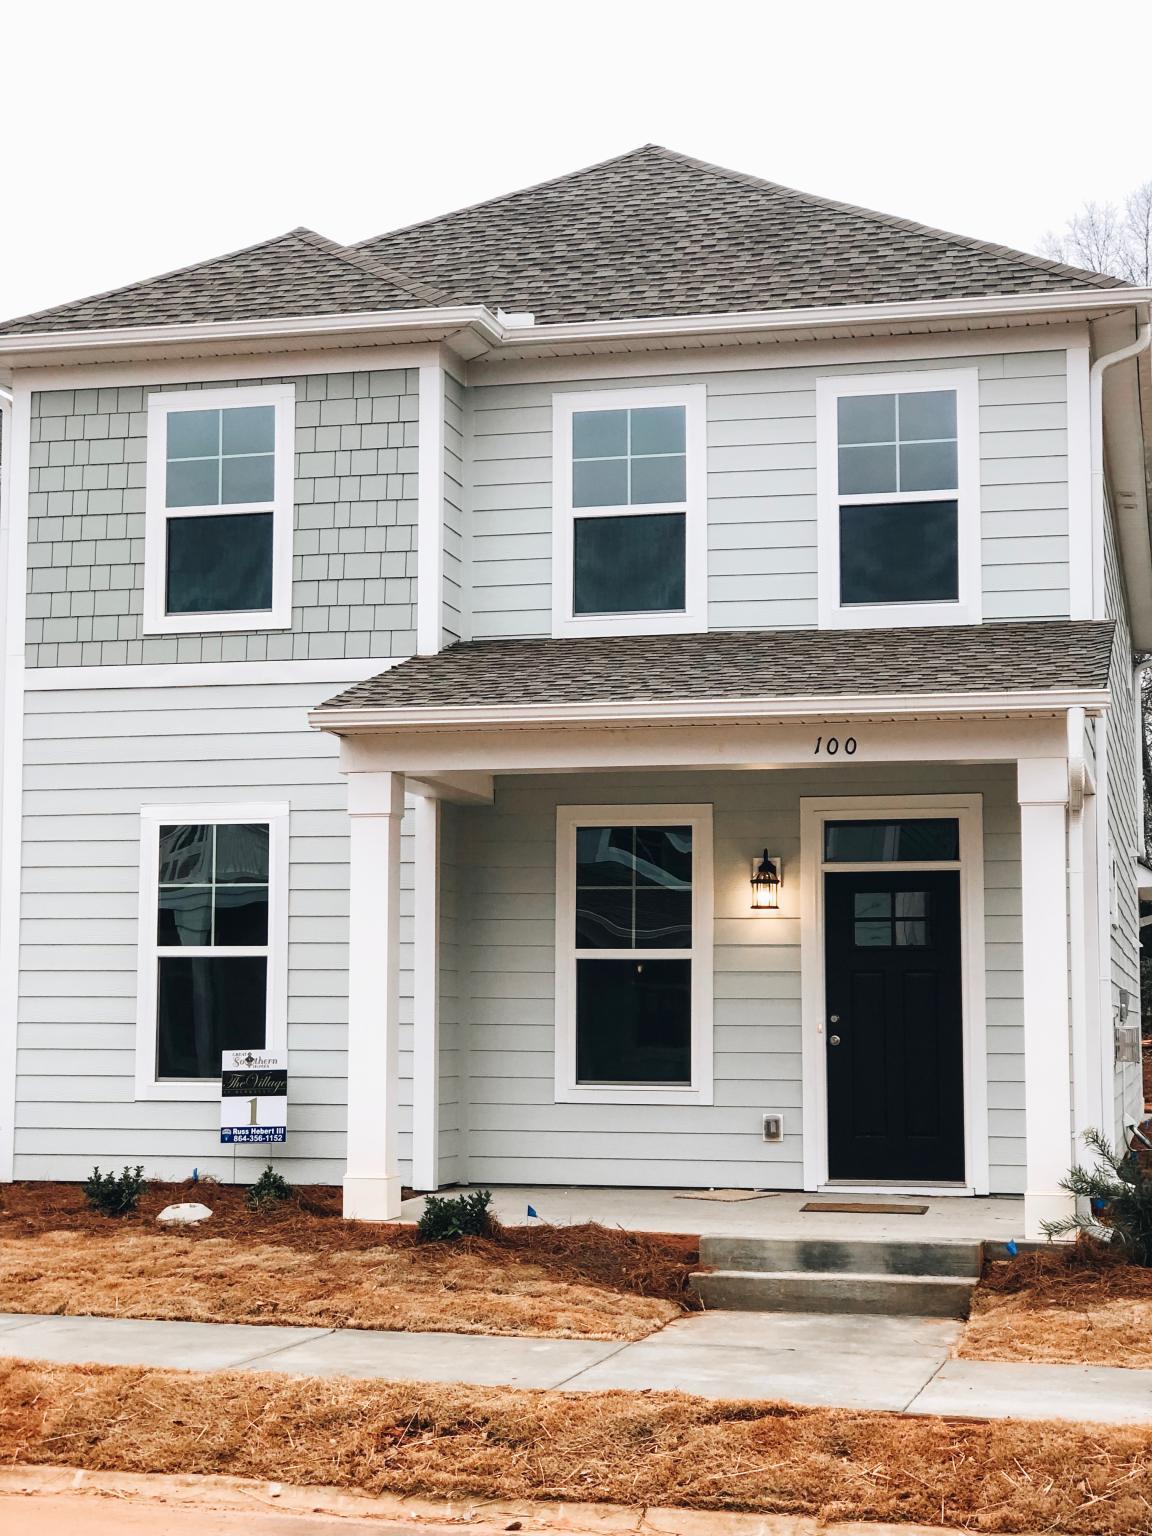 100 Fuller Estate Dr Clemson Sc 29631 4 Bed Single Family Home